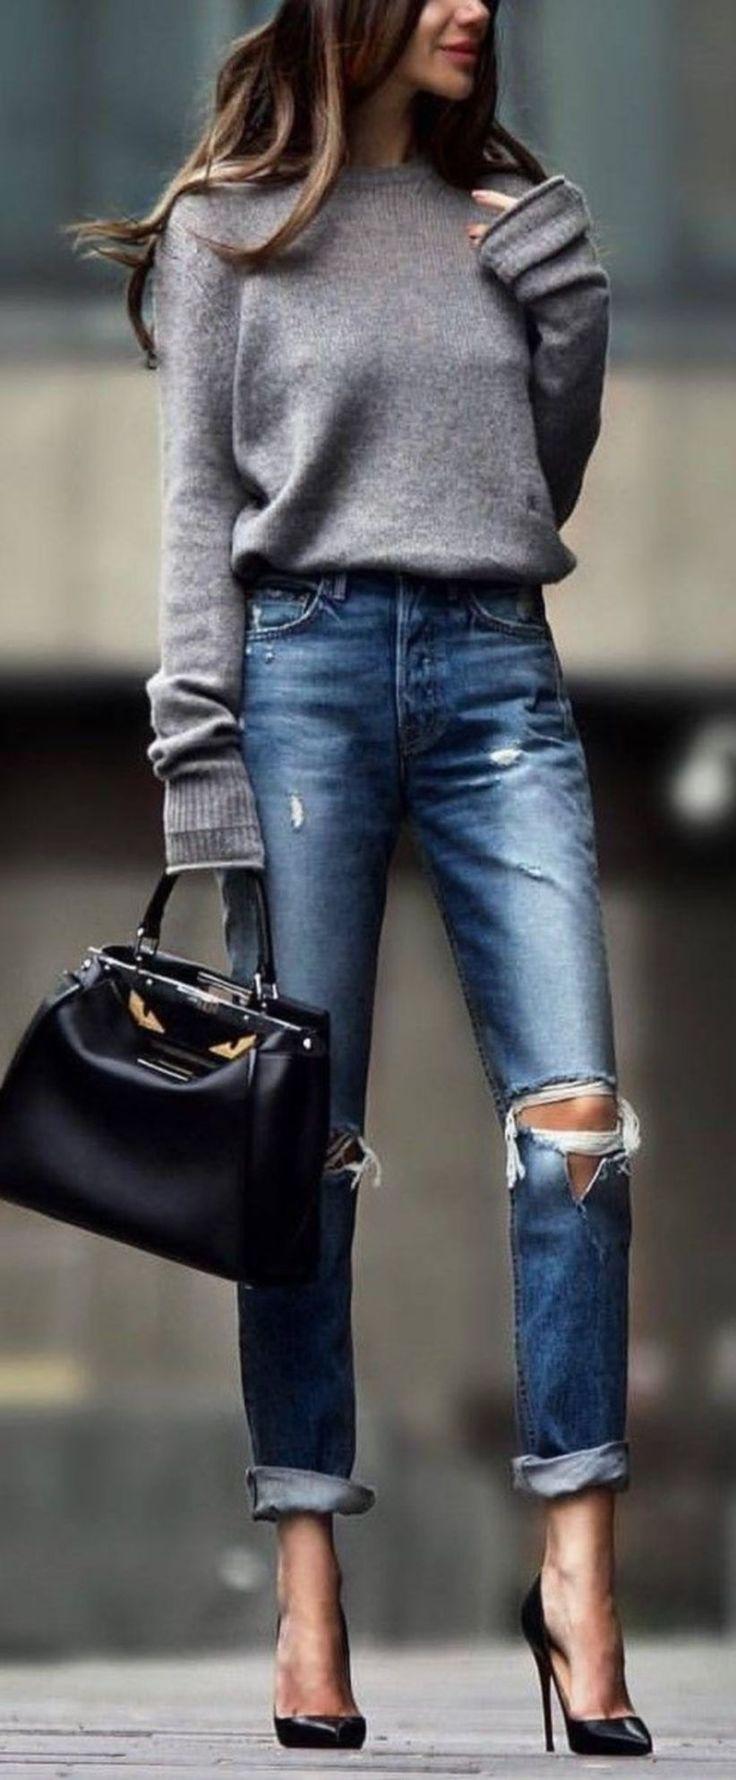 Y Moda Vaqueras Ripped Invierno Pinterest Jeans Ropa Chaquetas vWgZUq